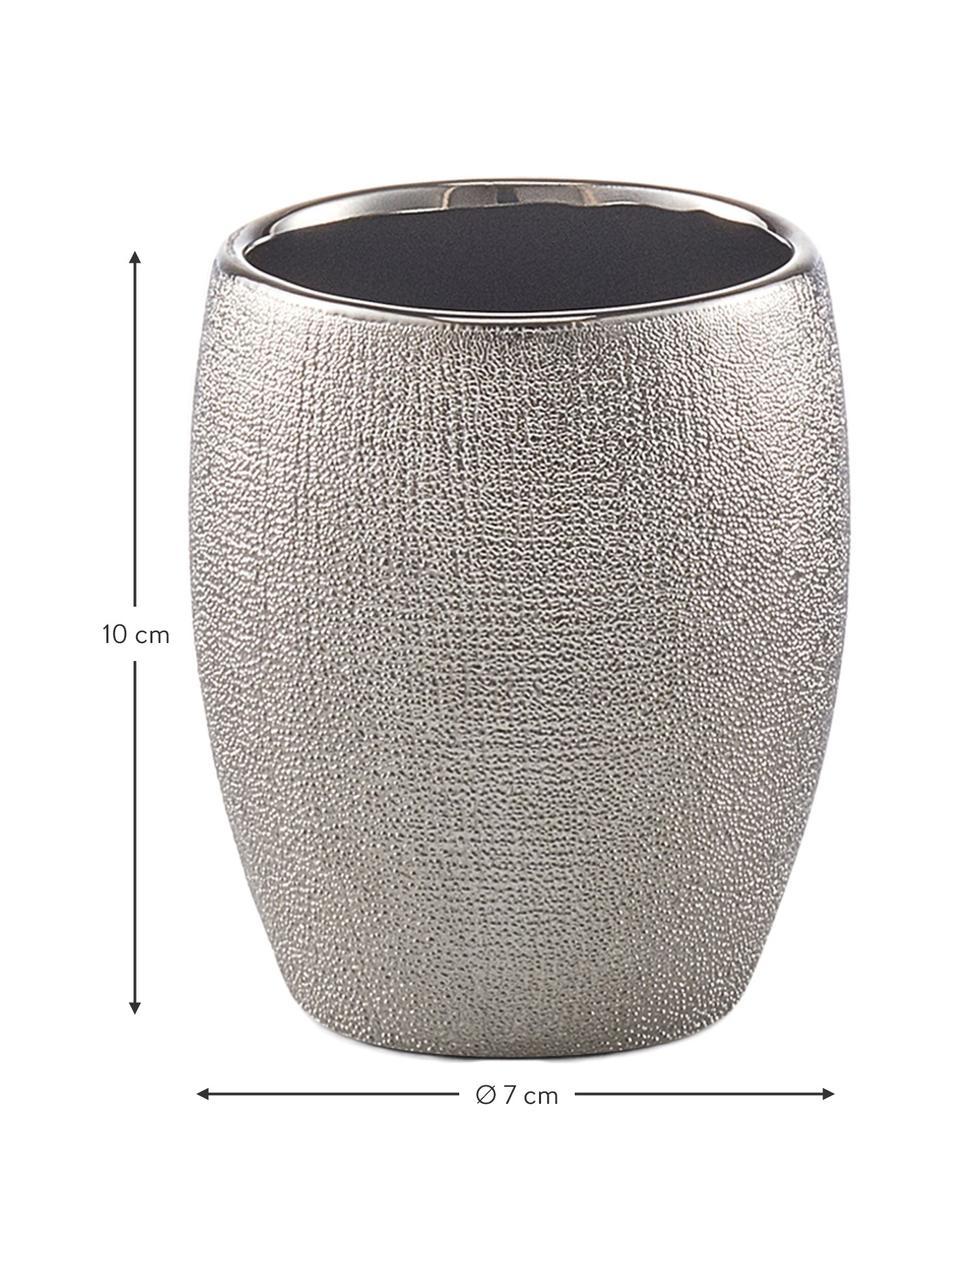 Zahnputzbecher Glitter aus Steingut, Steingut, Silbergrau, Ø 7 x H 10 cm